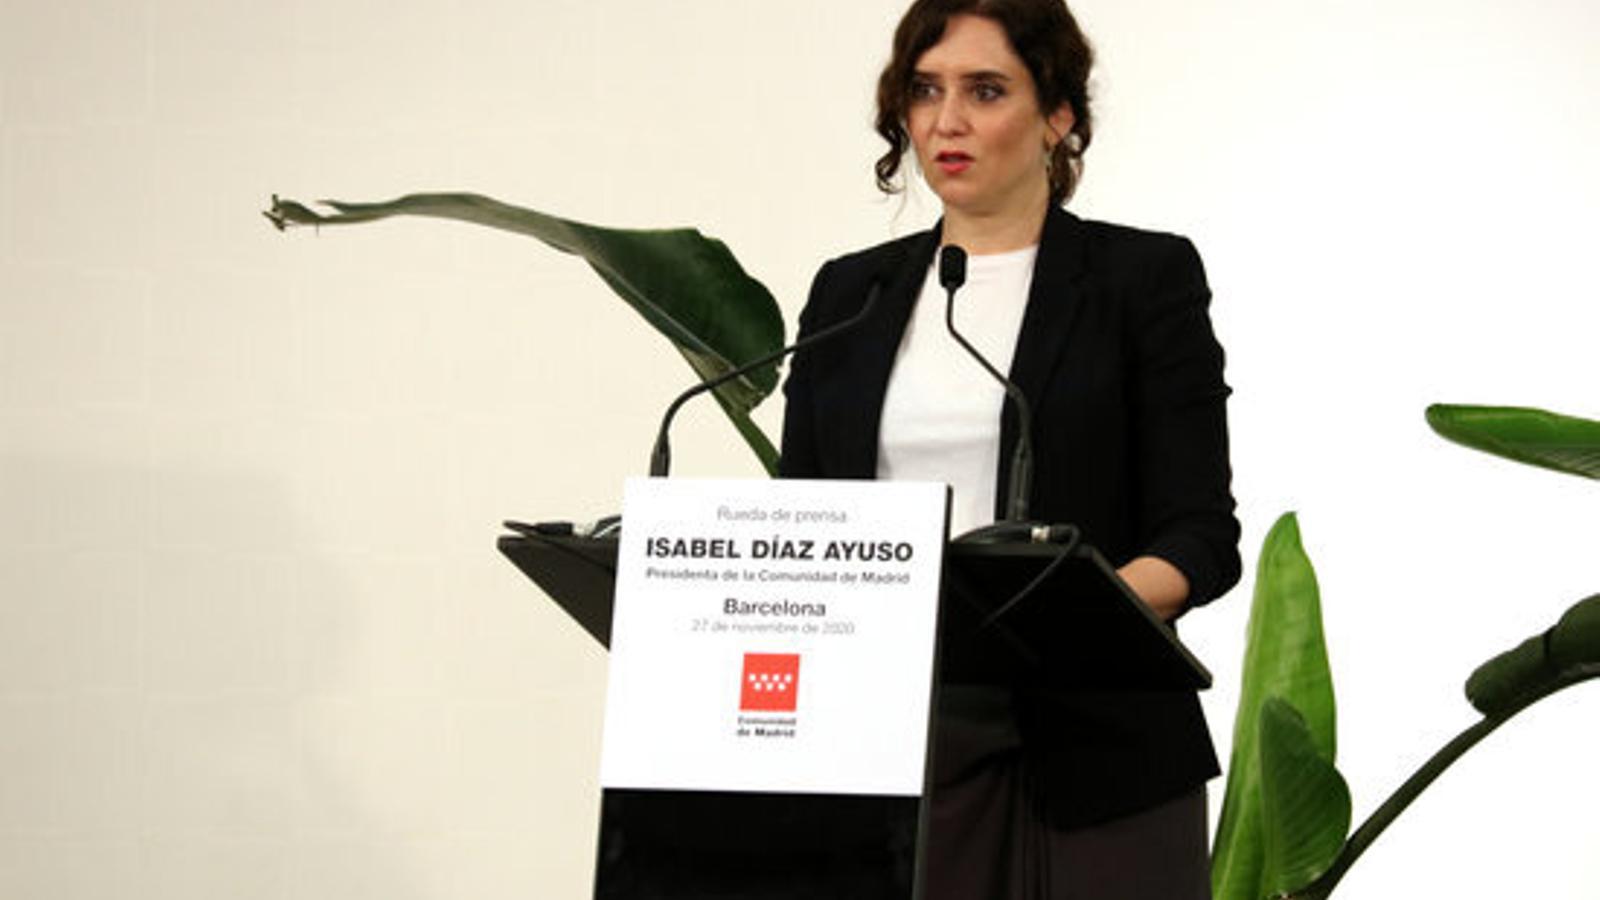 La presidenta de la Comunitat de Madrid, Isabel Ayuso, en roda de premsa a l'hotel Barceló Sants